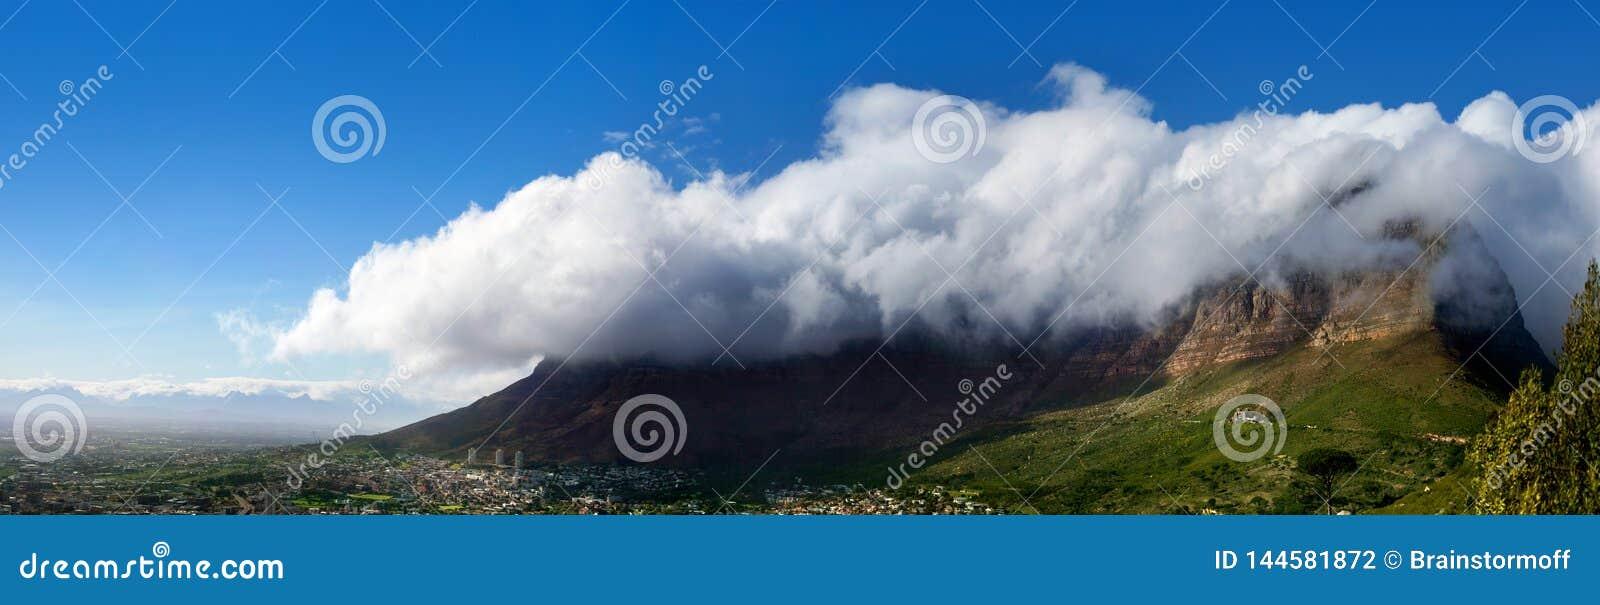 Tafelberg unter enormer weißer Wolke auf schönem Panorama des Hintergrundes des blauen Himmels Landschafts, Landschaftspanoramabl